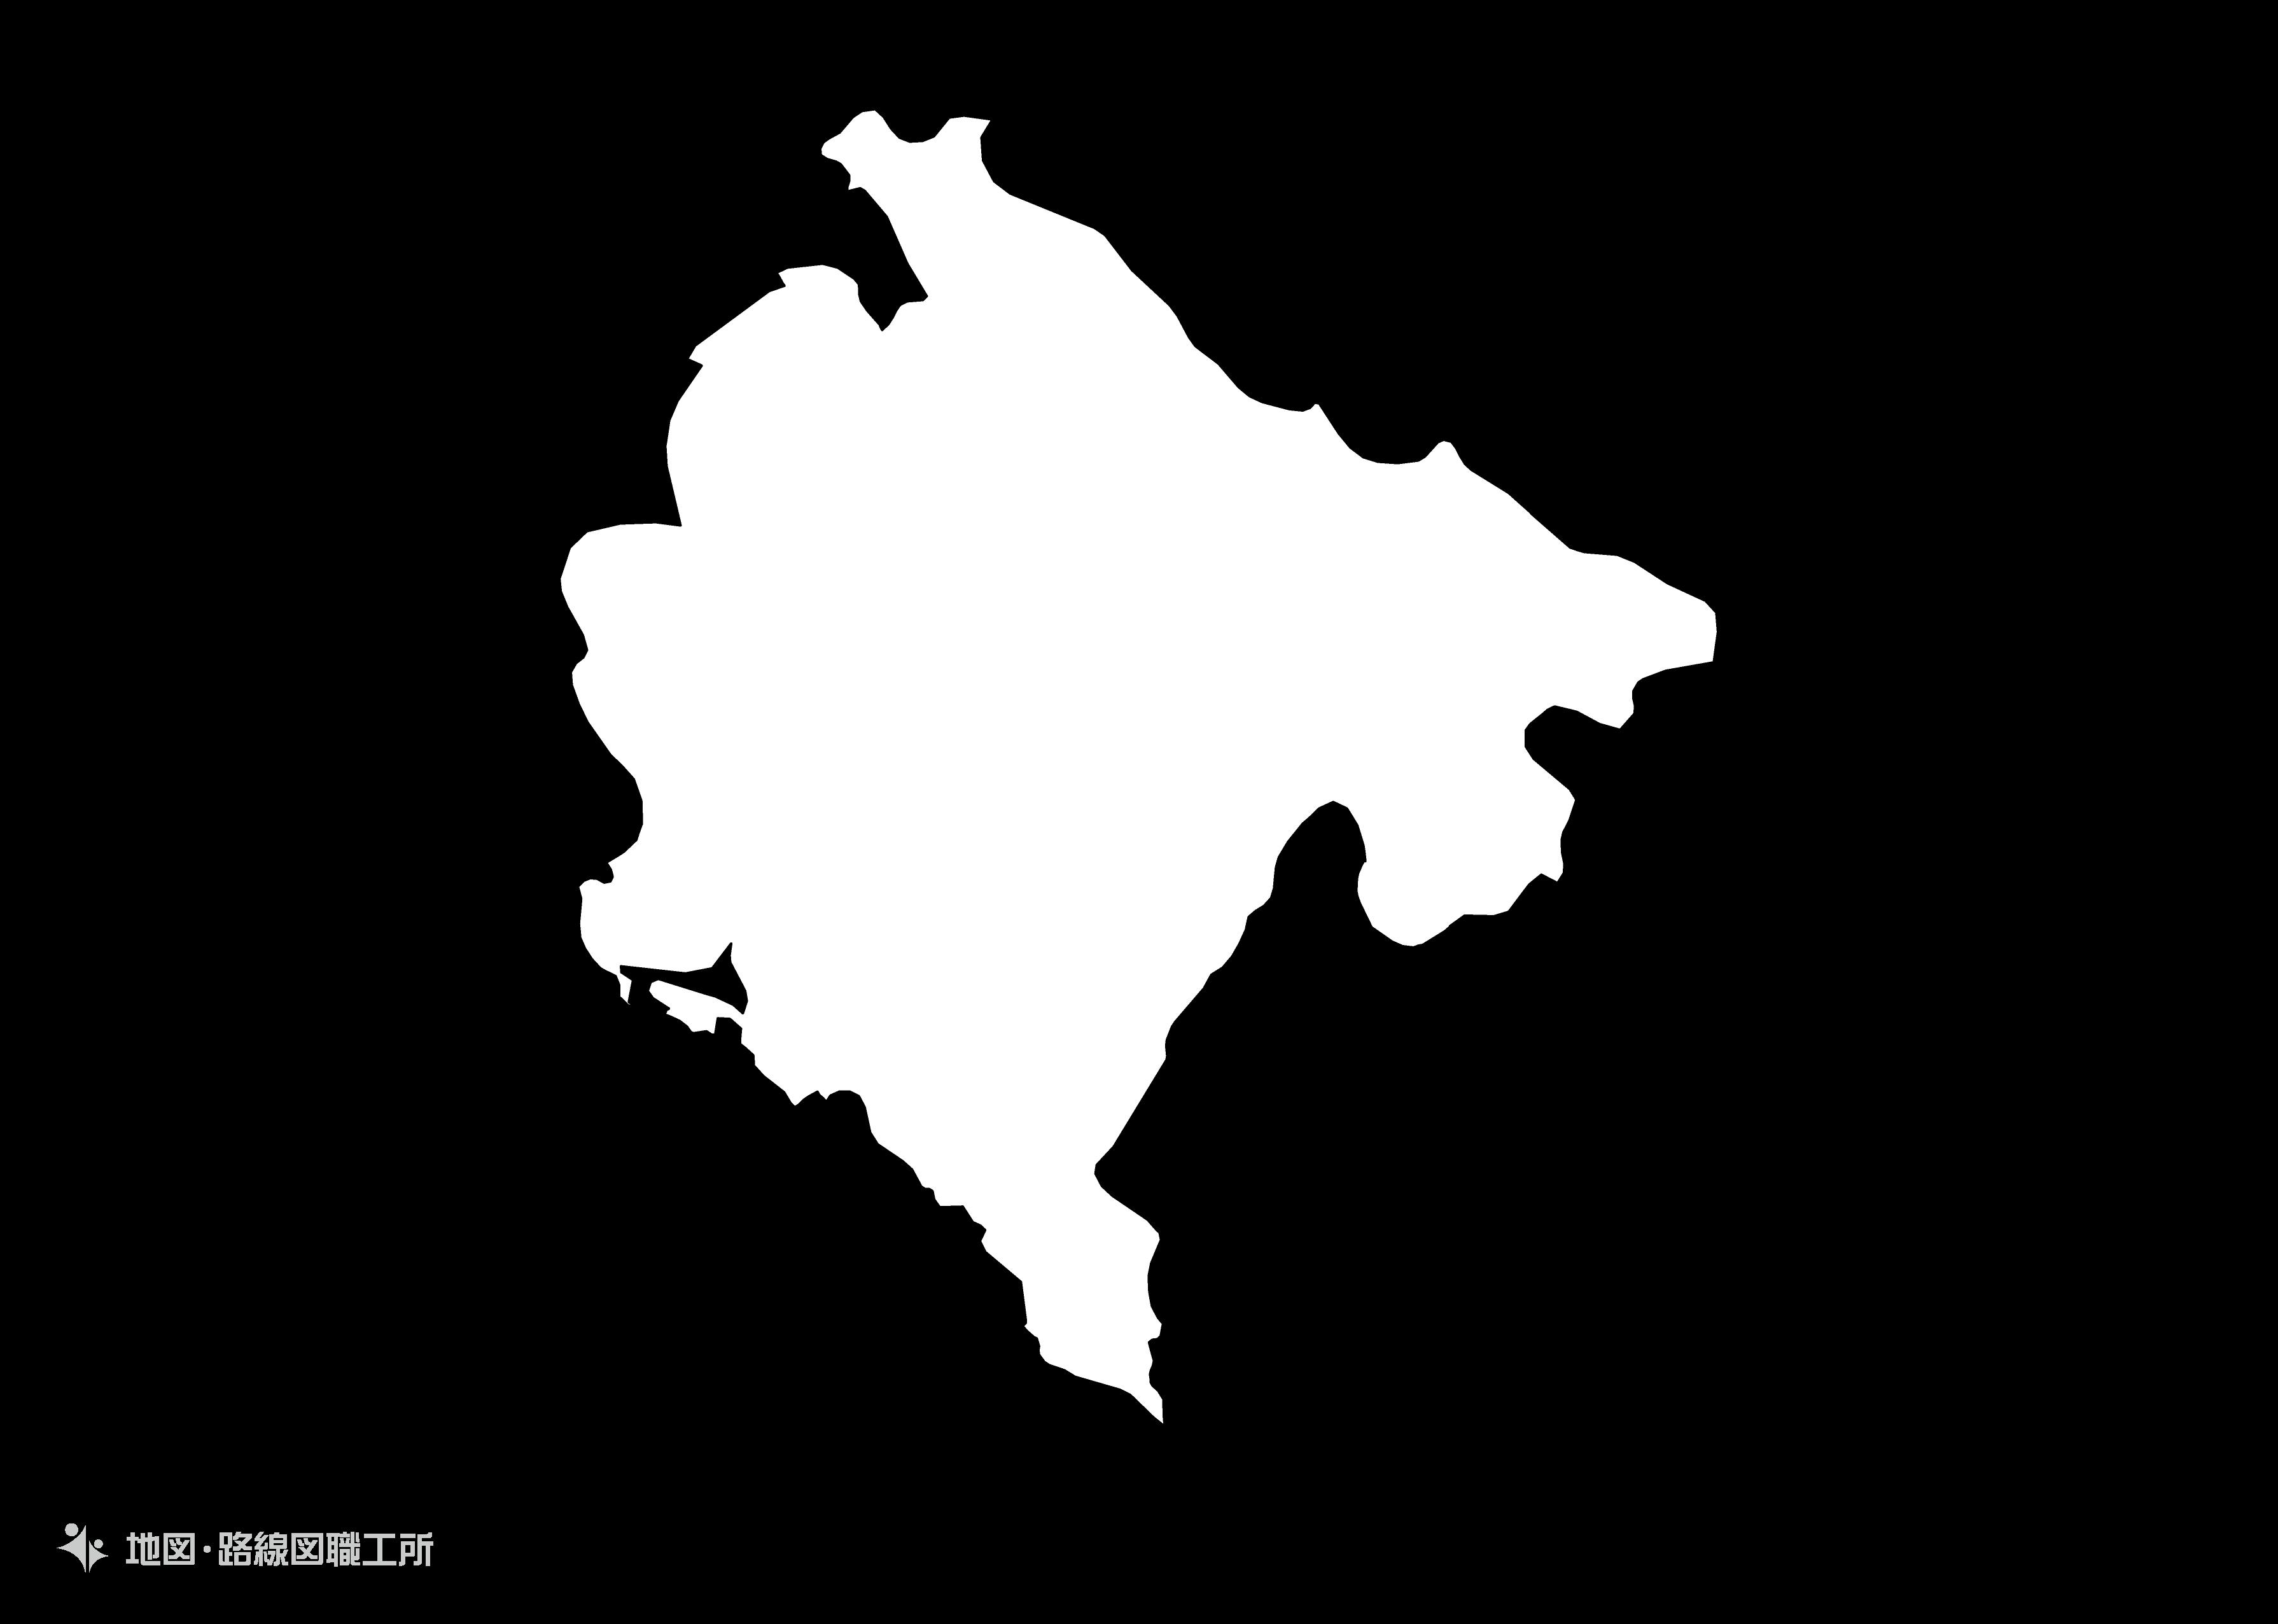 世界の白地図 モンテネグロ montenegro map